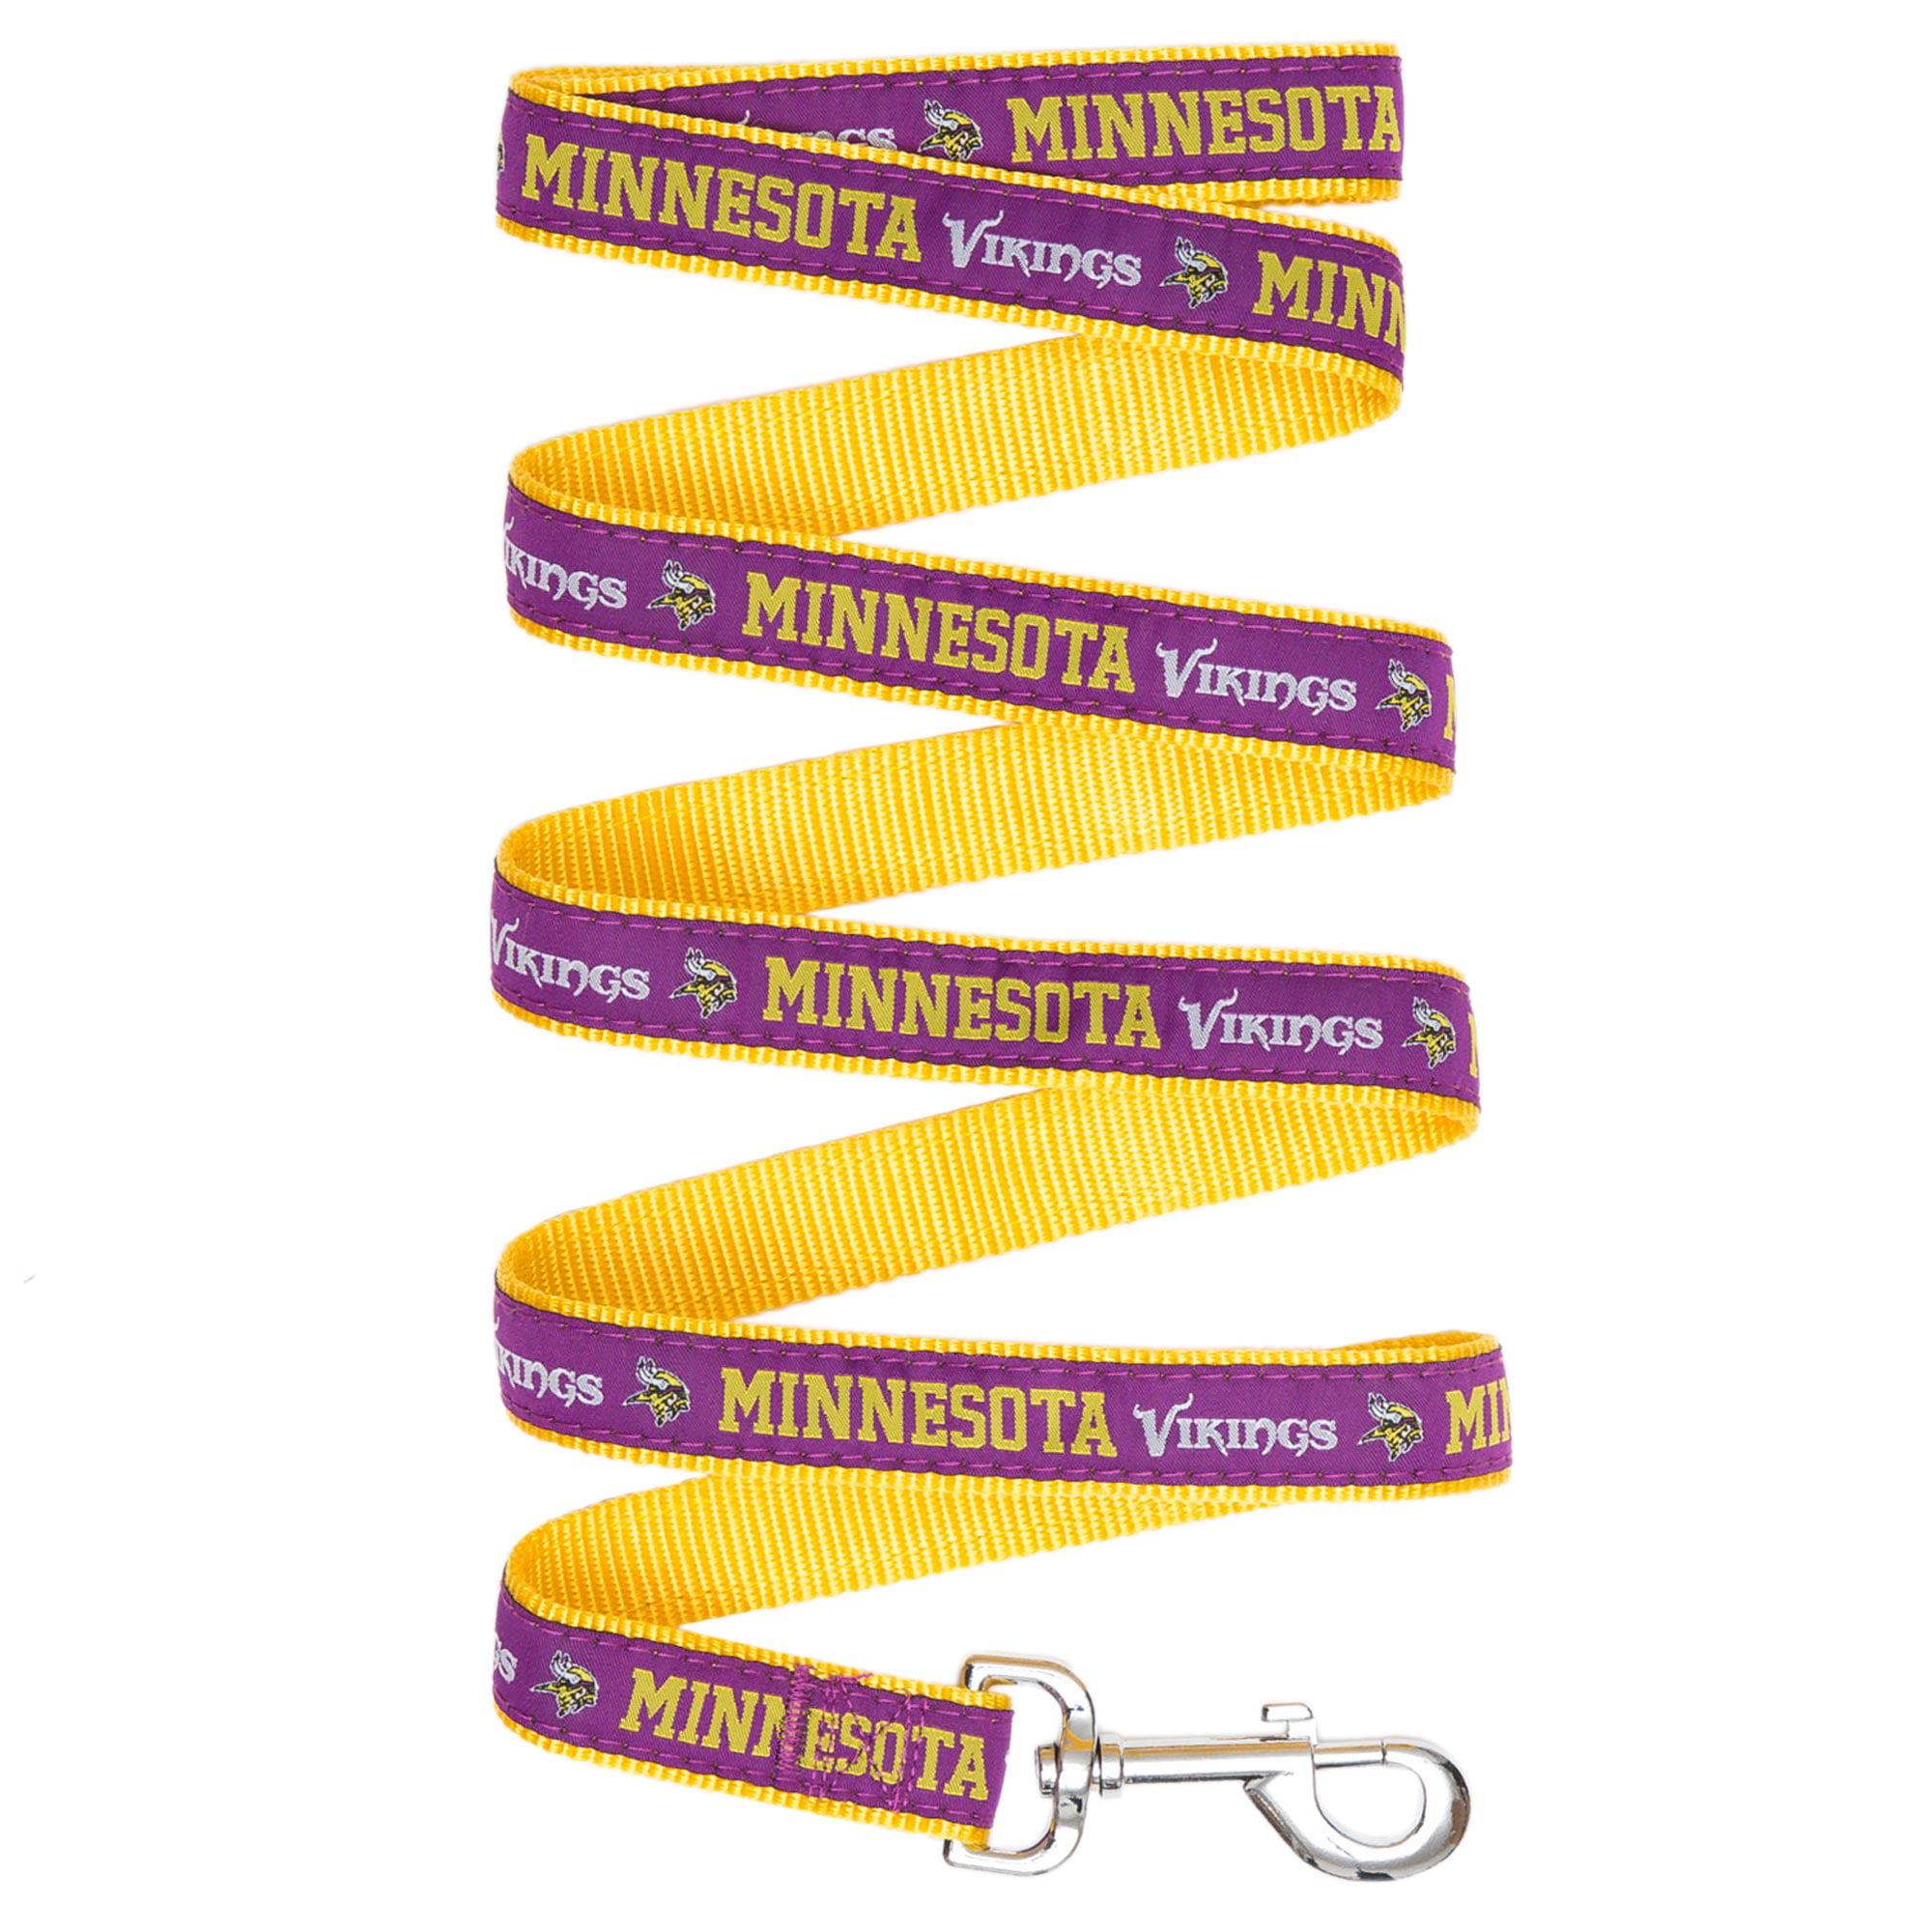 Minnesota Vikings Leash